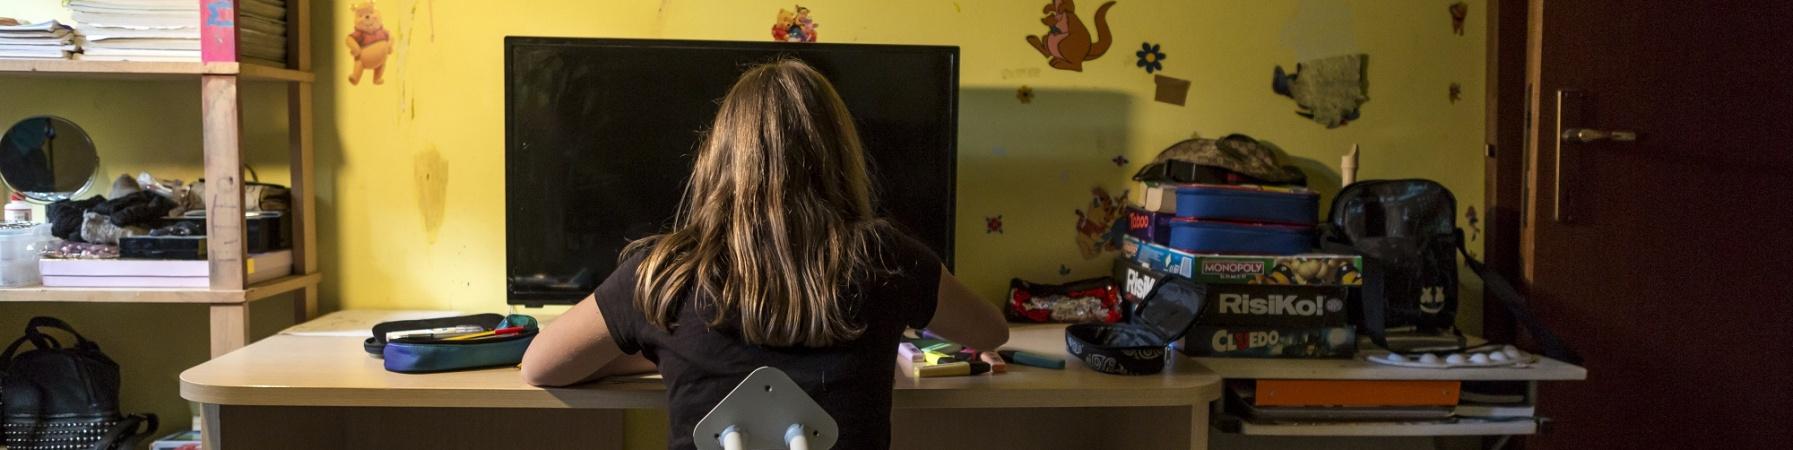 ragazza di spalle seduta alla scrivania della sua cameretta davanti al pc. Intorno a lei giochi da tavola, libri e quaderni.